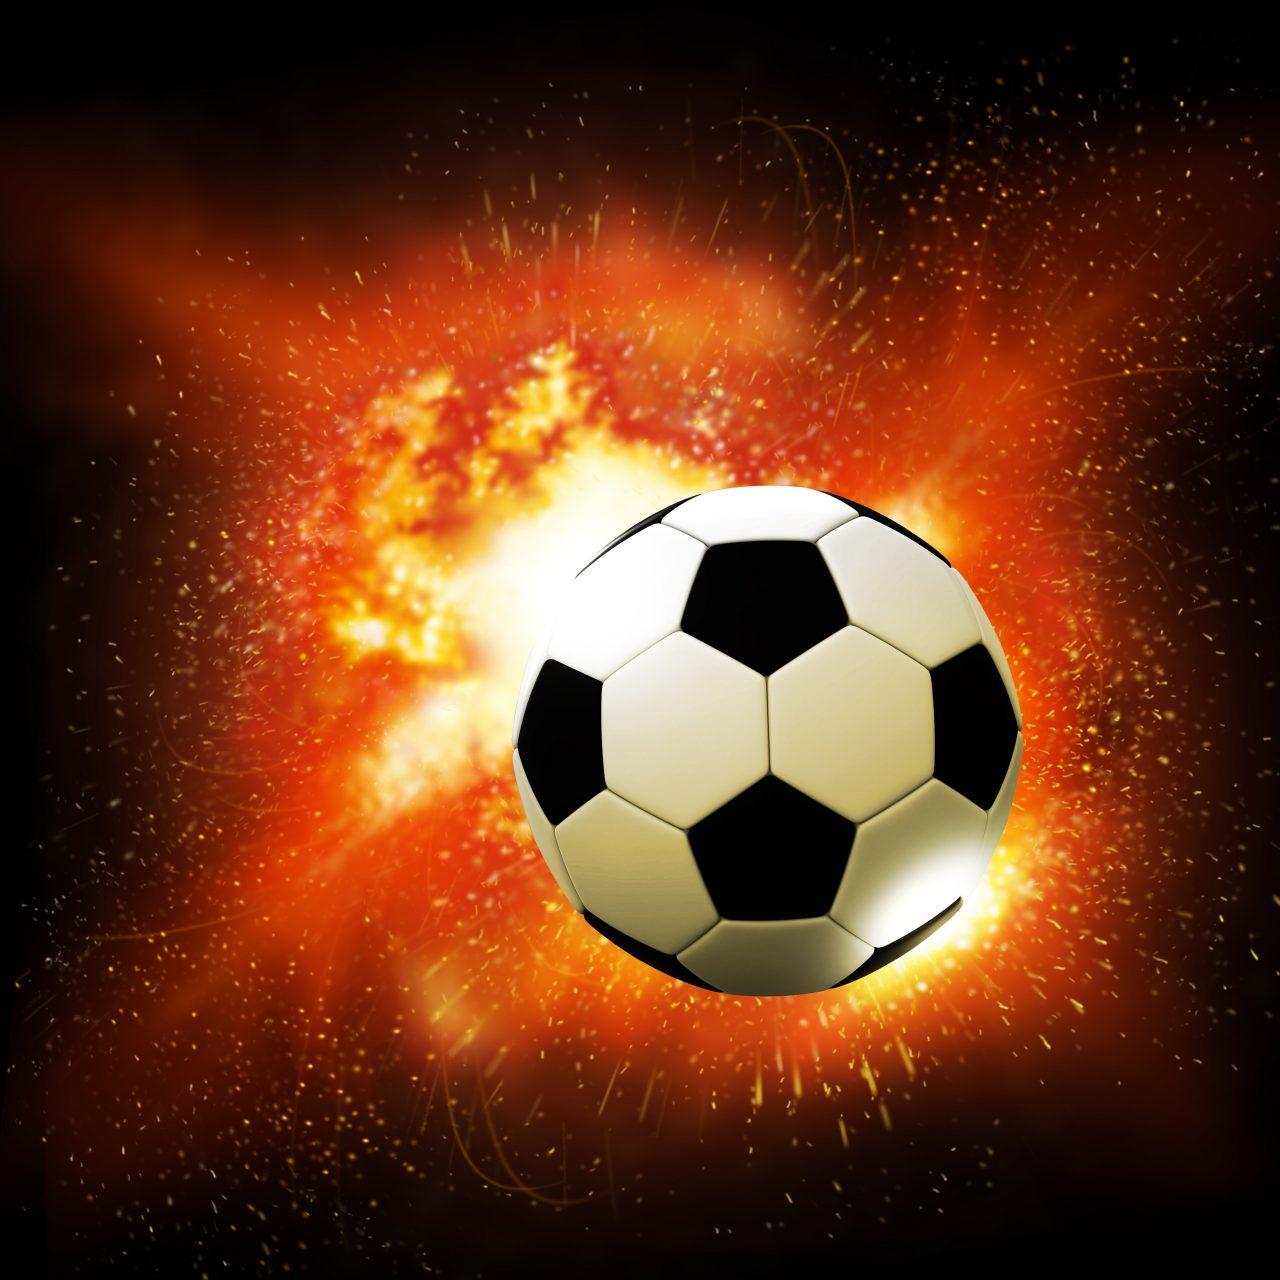 アジア最終予選サッカー中東で行われたイラク戦を観て思ったこと。